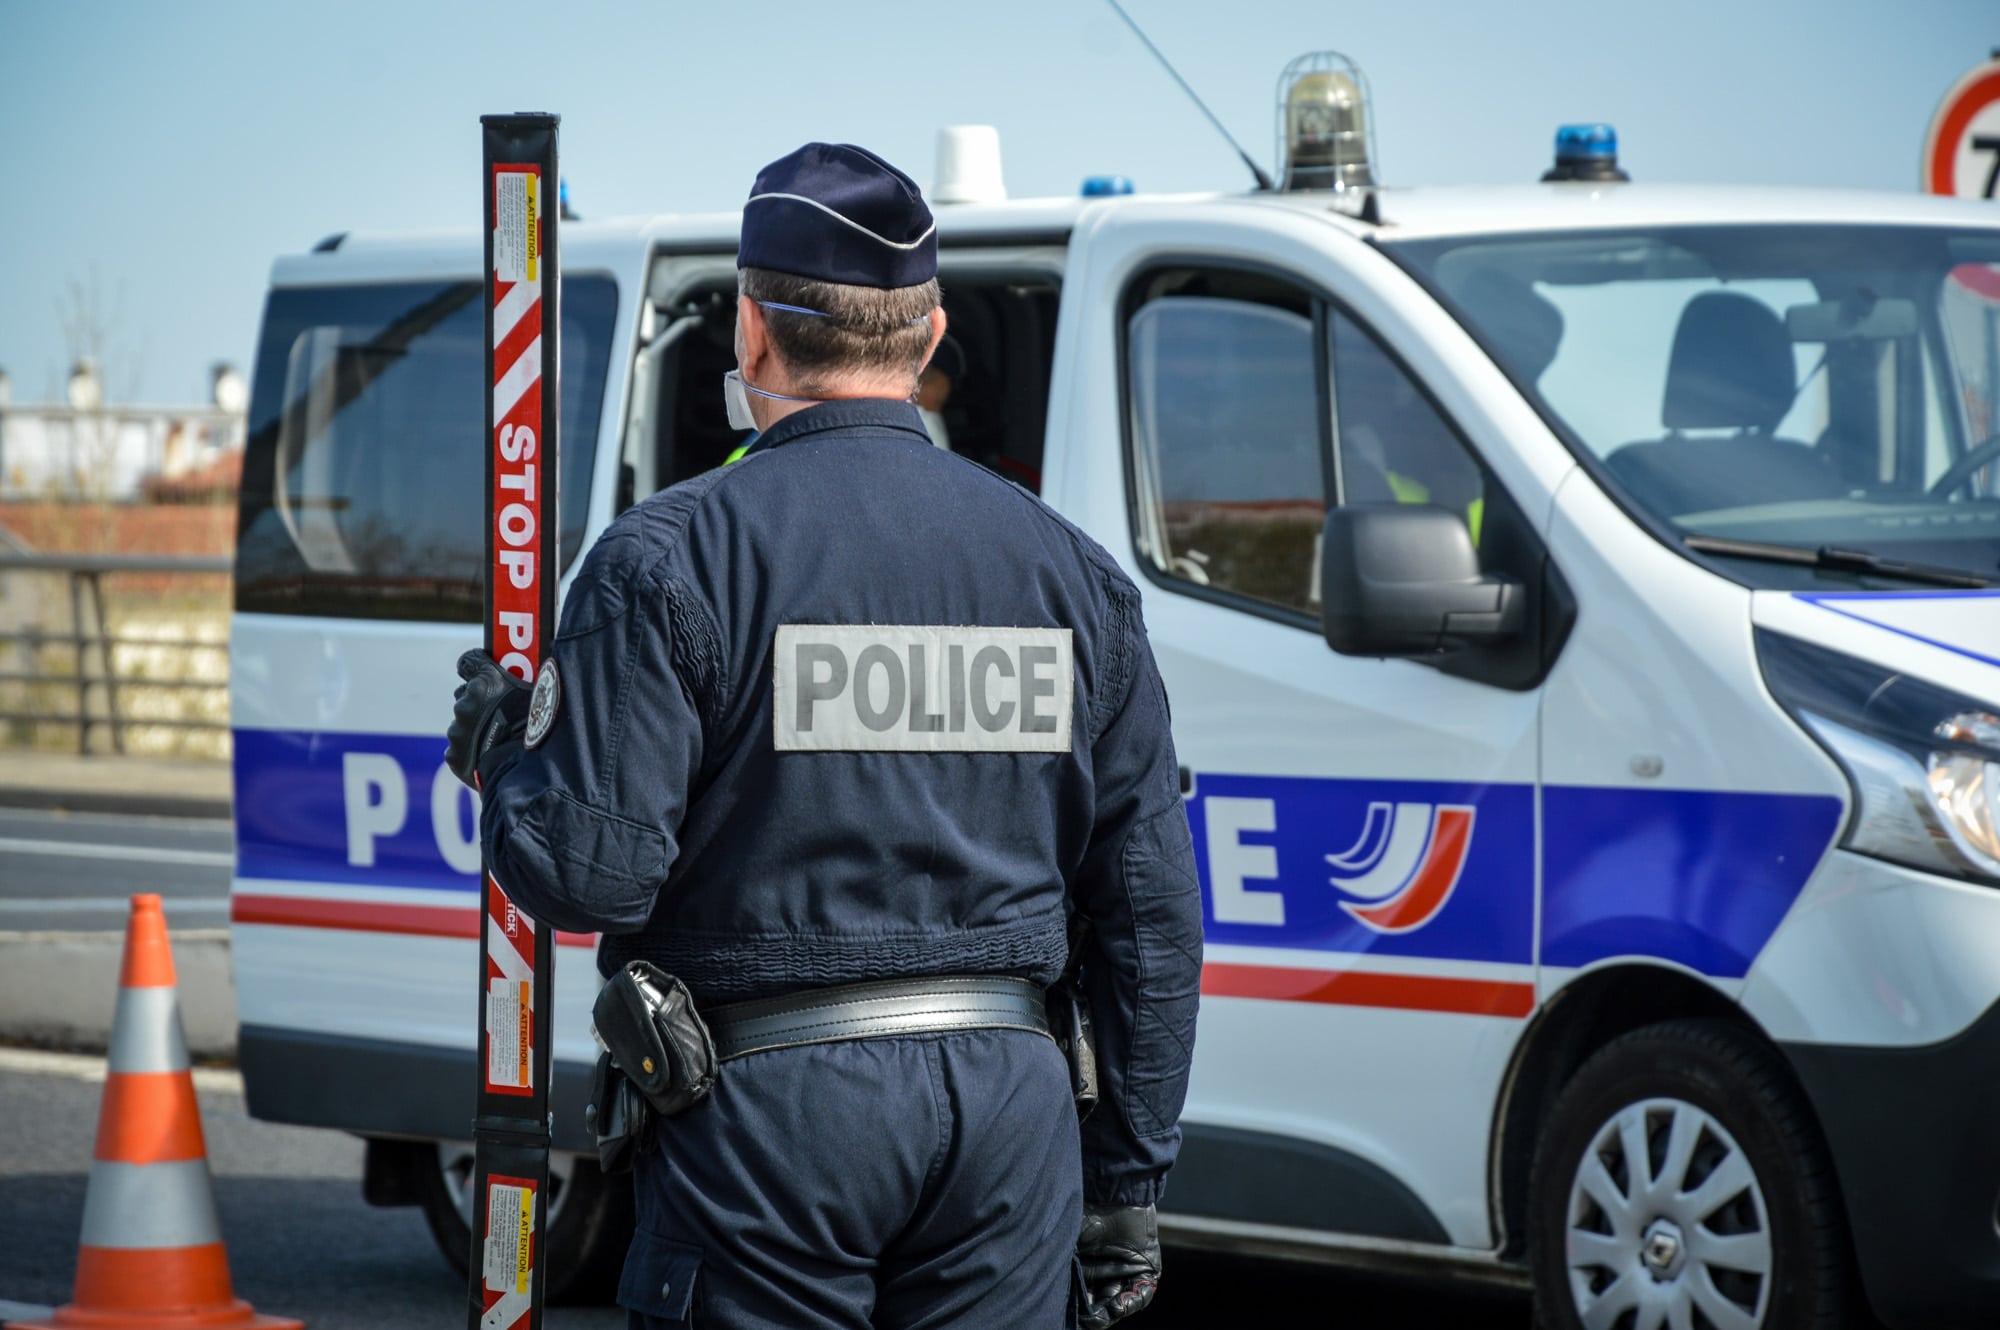 Police nationale de Perpignan - DDSP 66